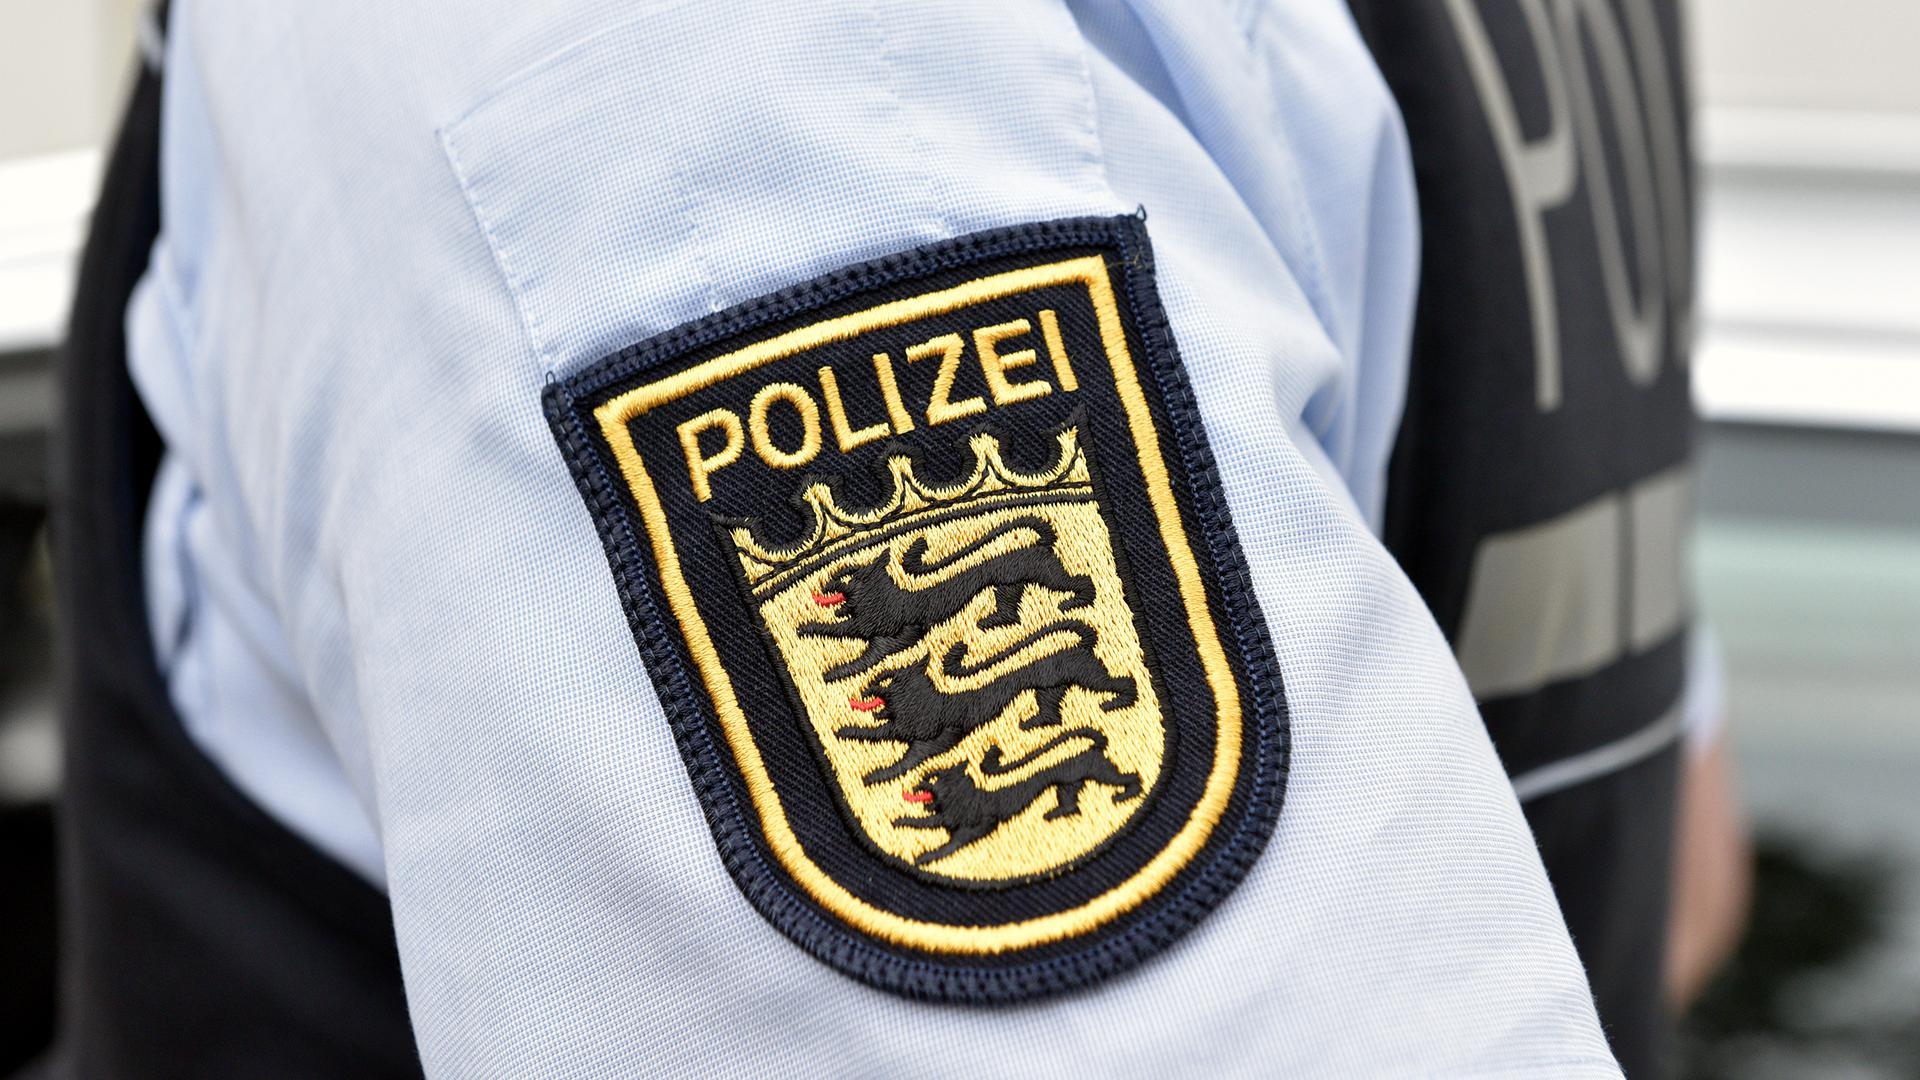 Das Wappen der Polizei Baden-Württemberg befindet sich auf einem Uniformärmel. (Symbolbild)